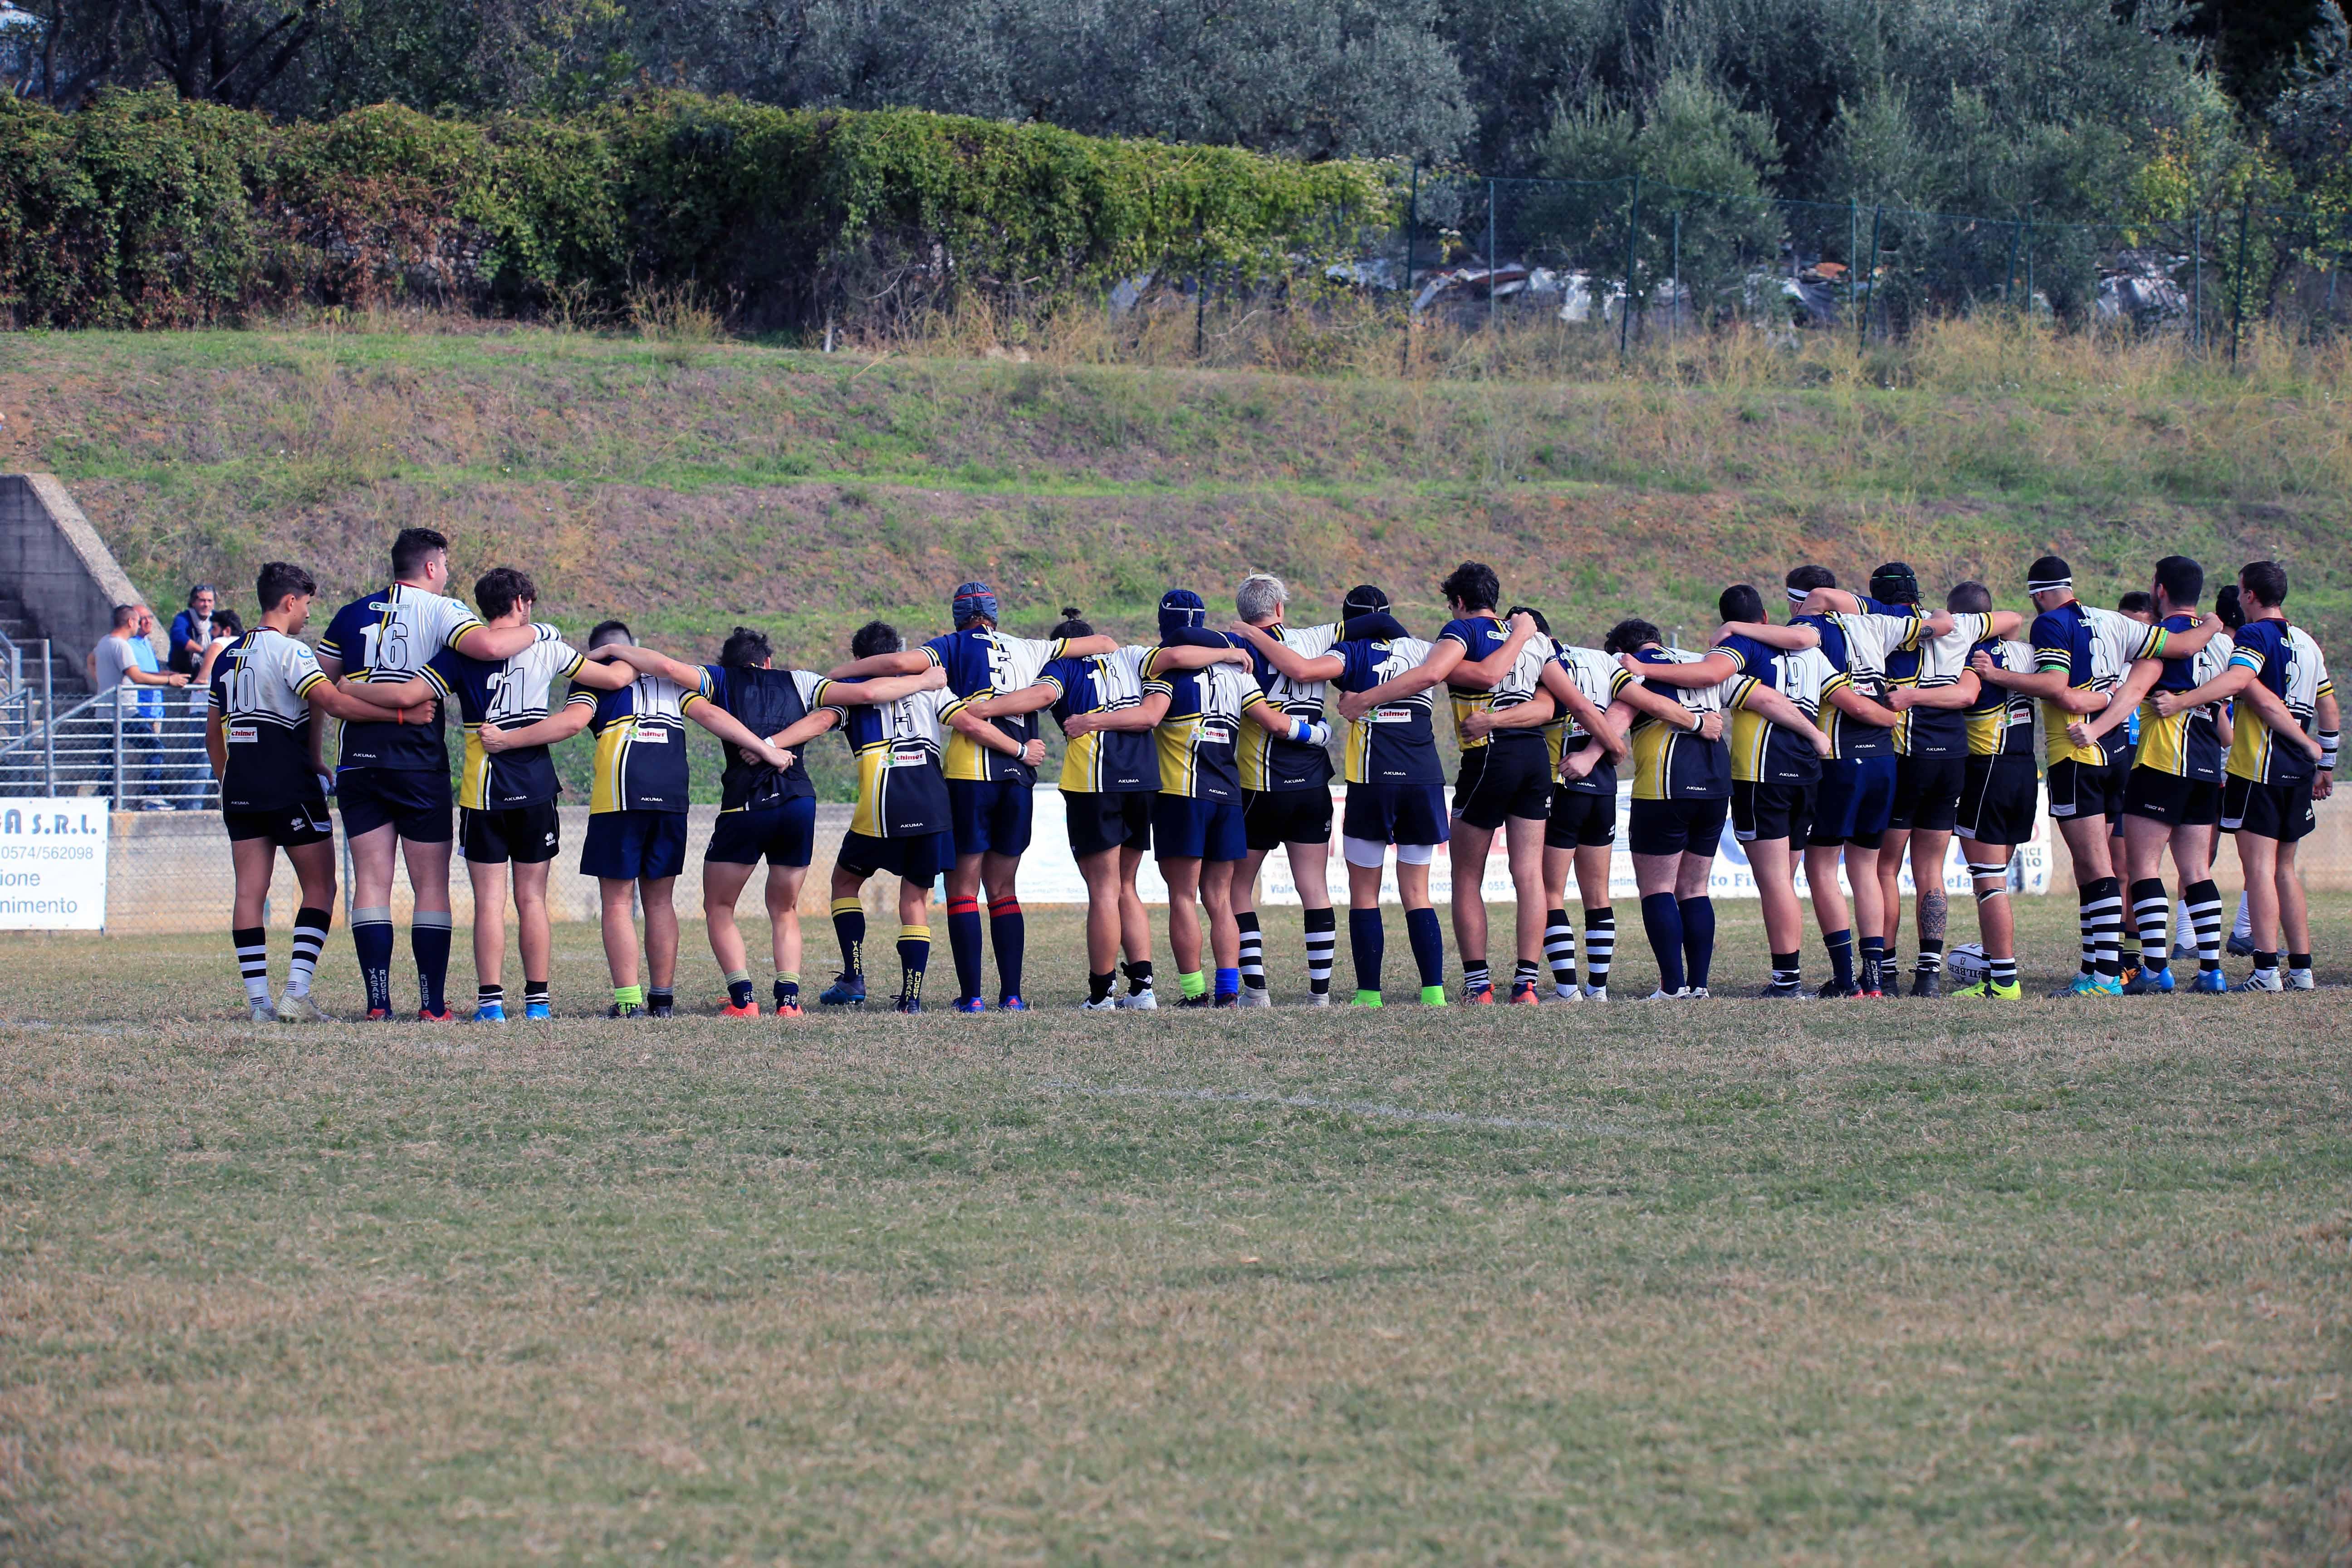 U18 FTGI GHIBELLINI GRAFICHE VALDELSA 2° DI CAMPIONATO